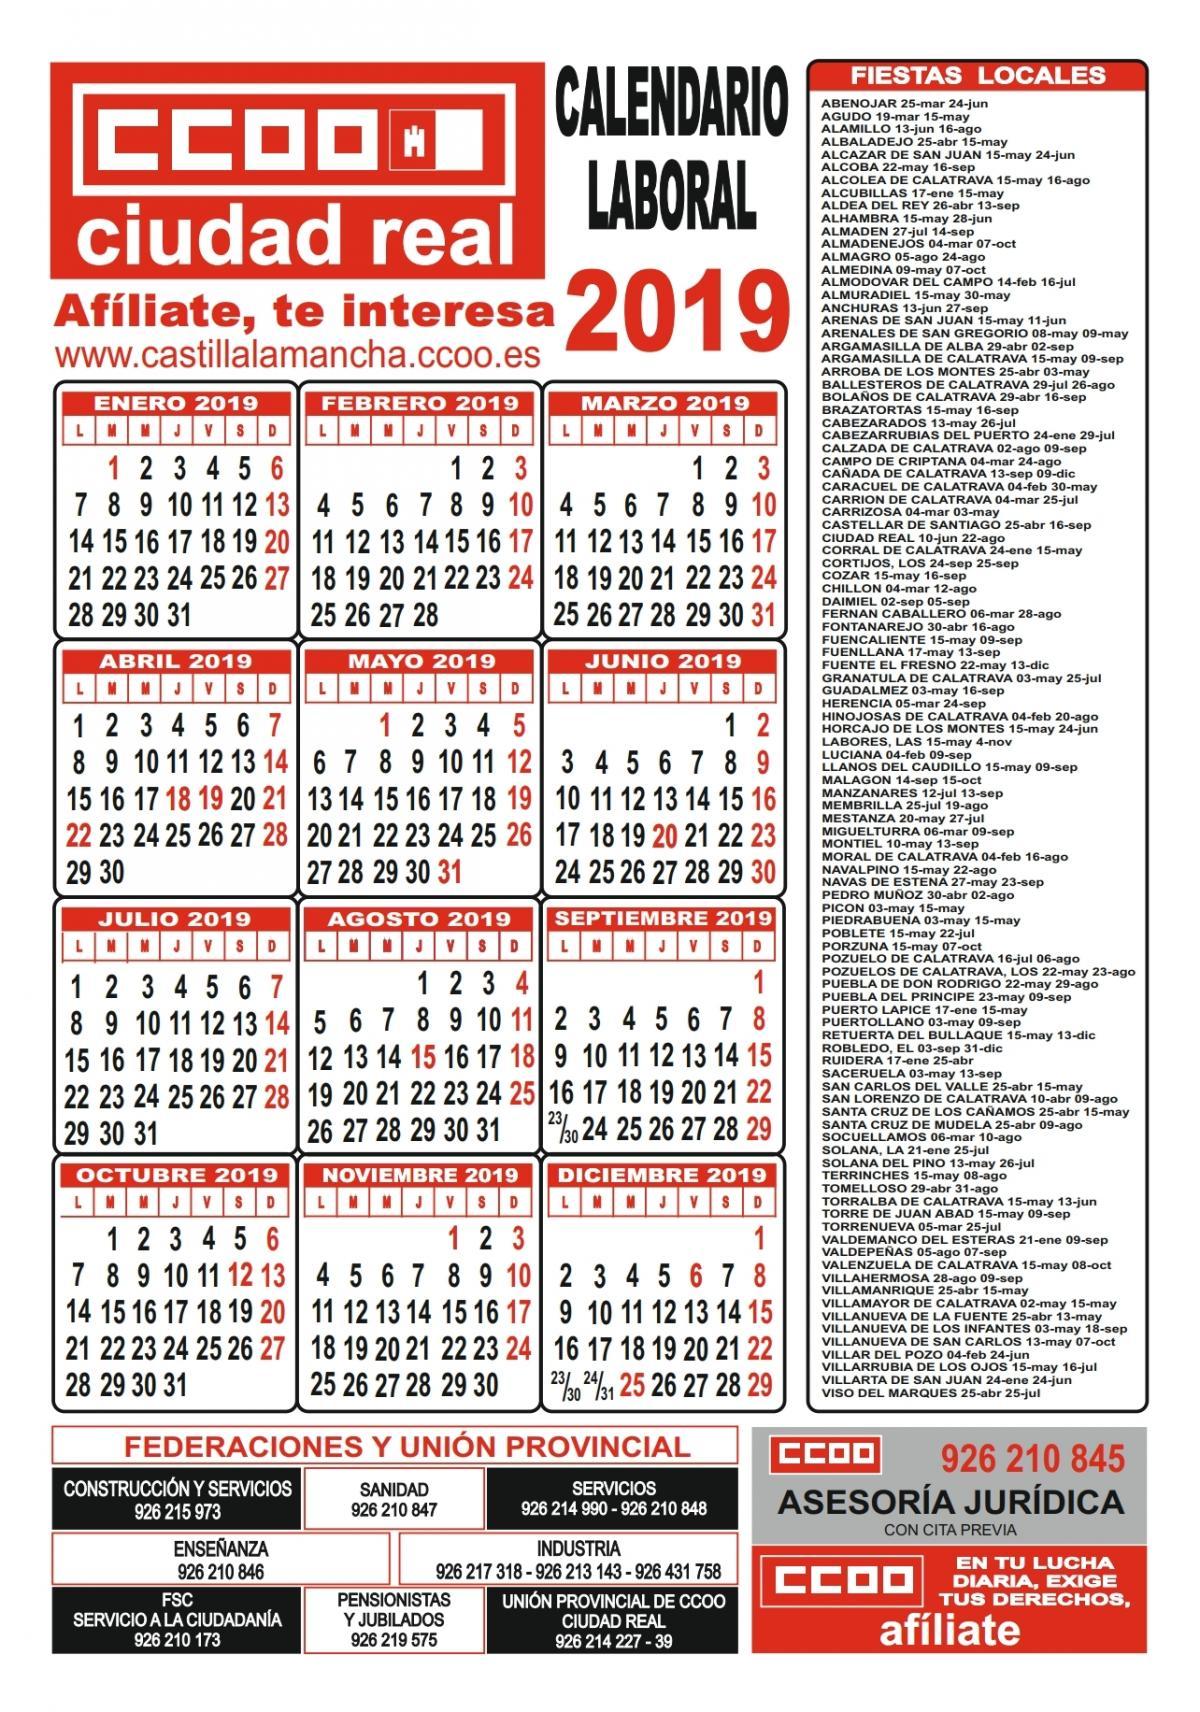 Calendario Laboral 2019 Ciudad Real.Comisiones Obreras De Castilla La Mancha